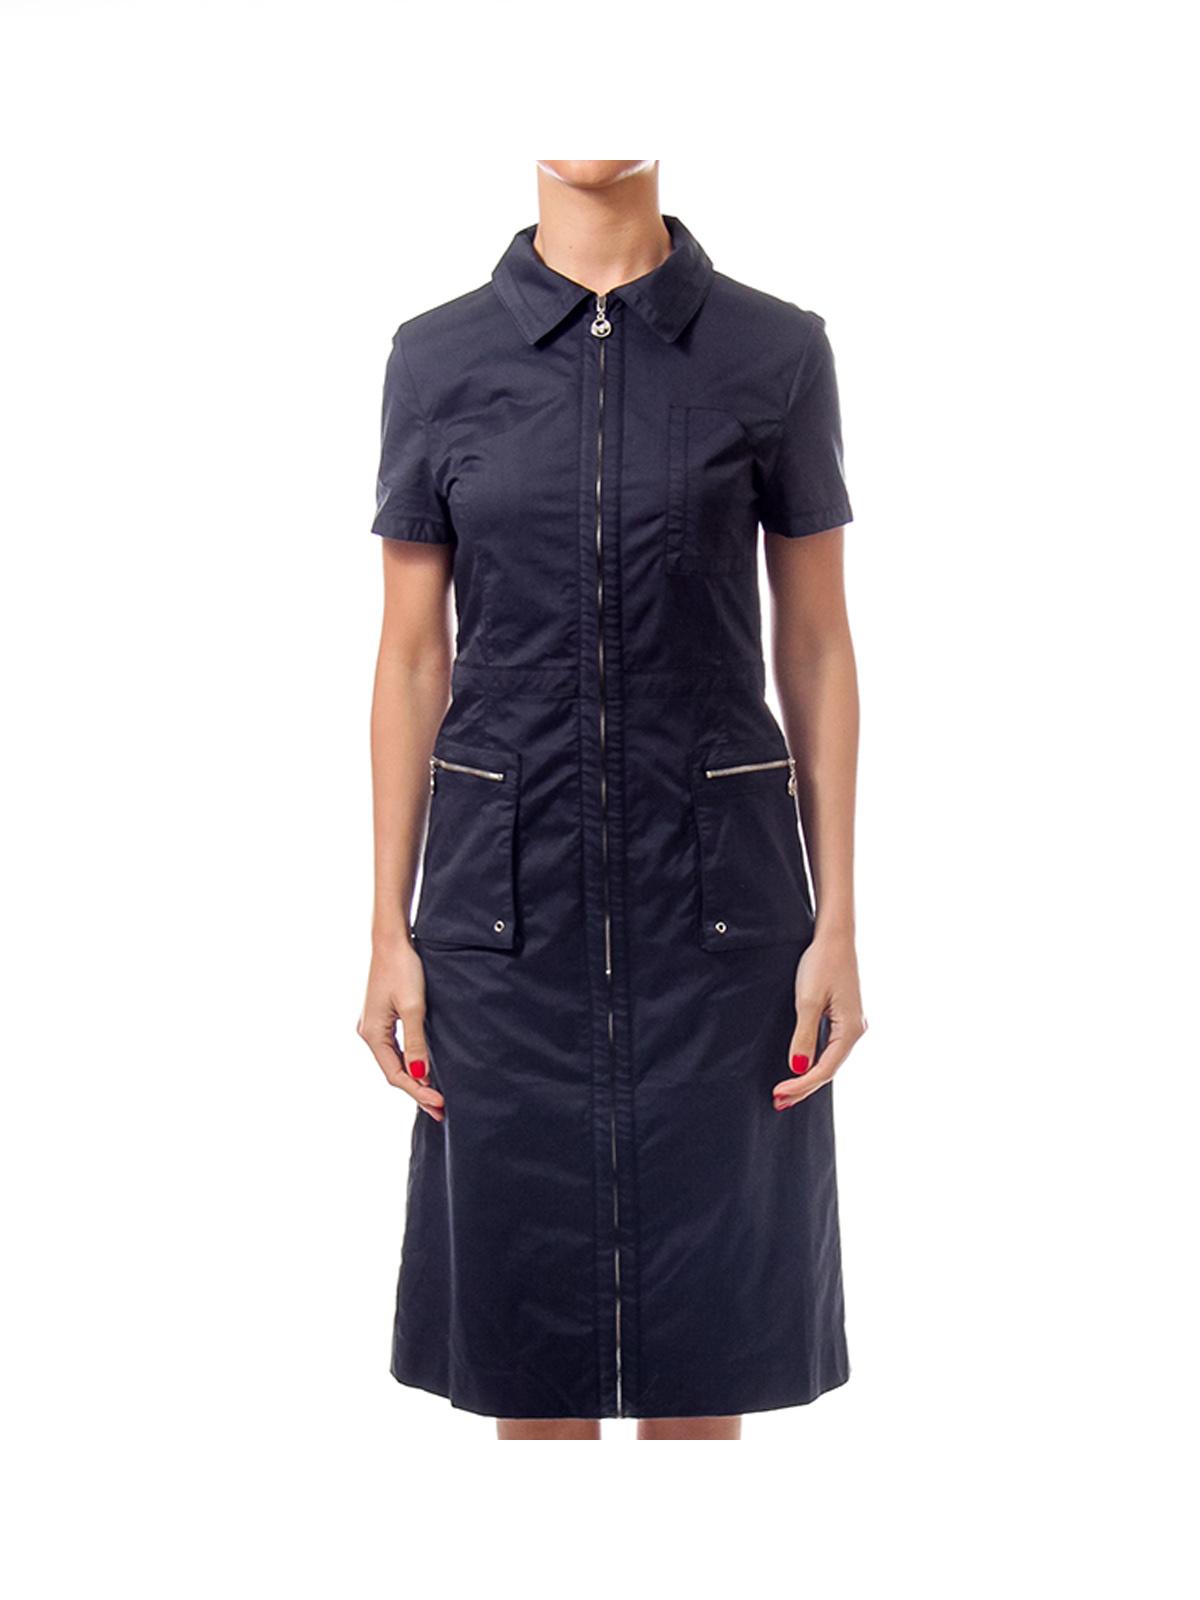 Navy Shirt Zip Up Dress